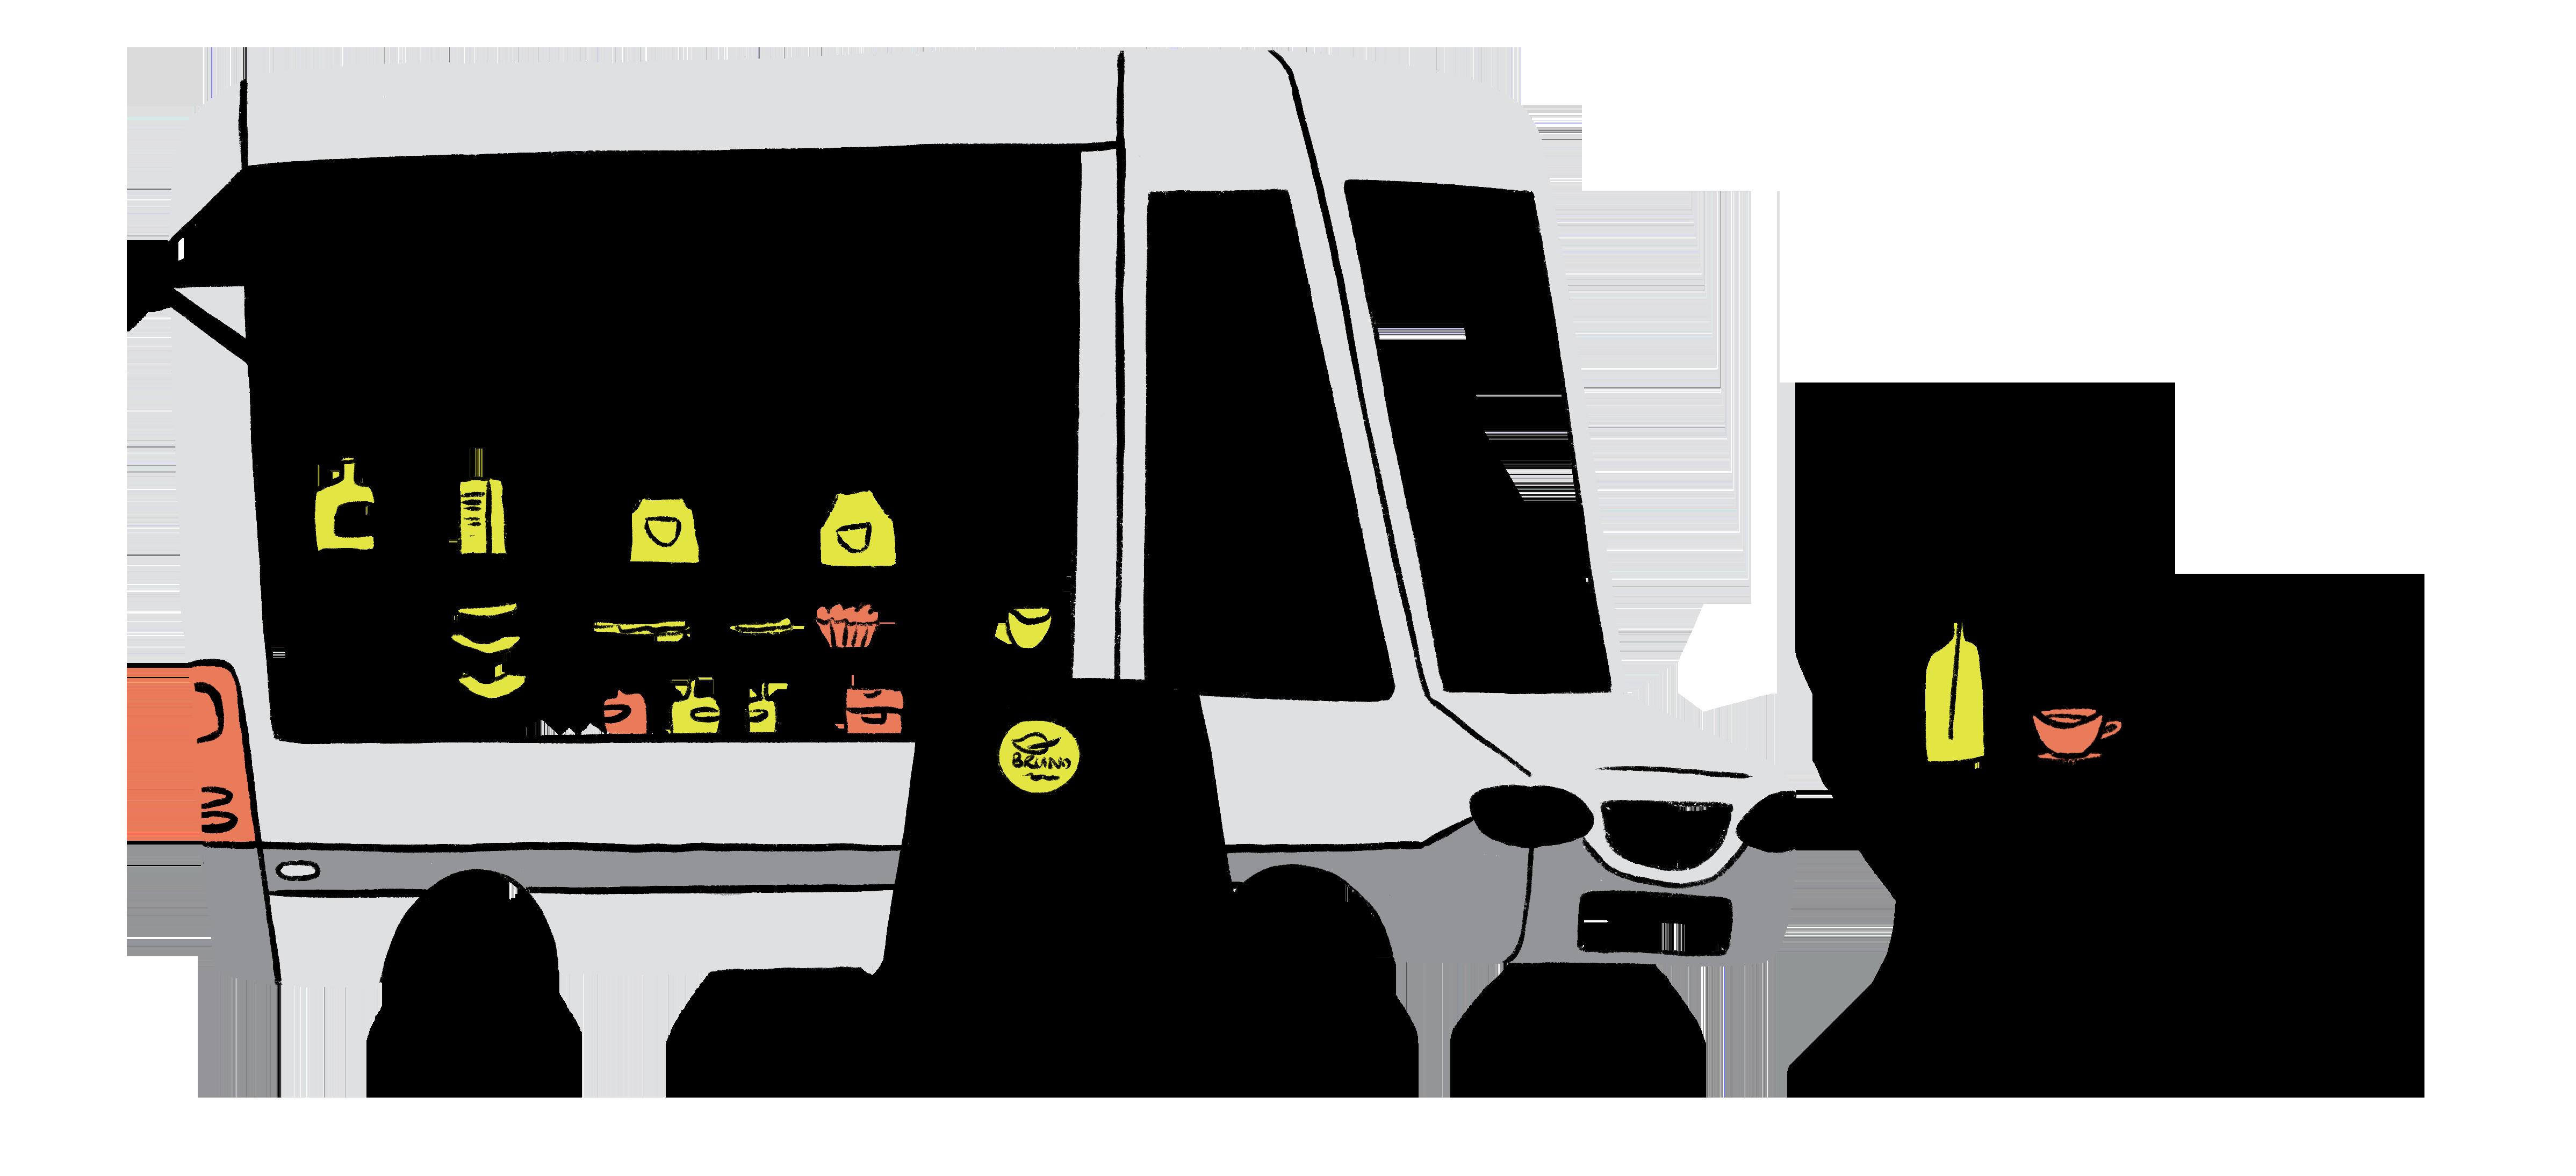 Bruno unverpackt - Illustration vom unverpackt Wagen